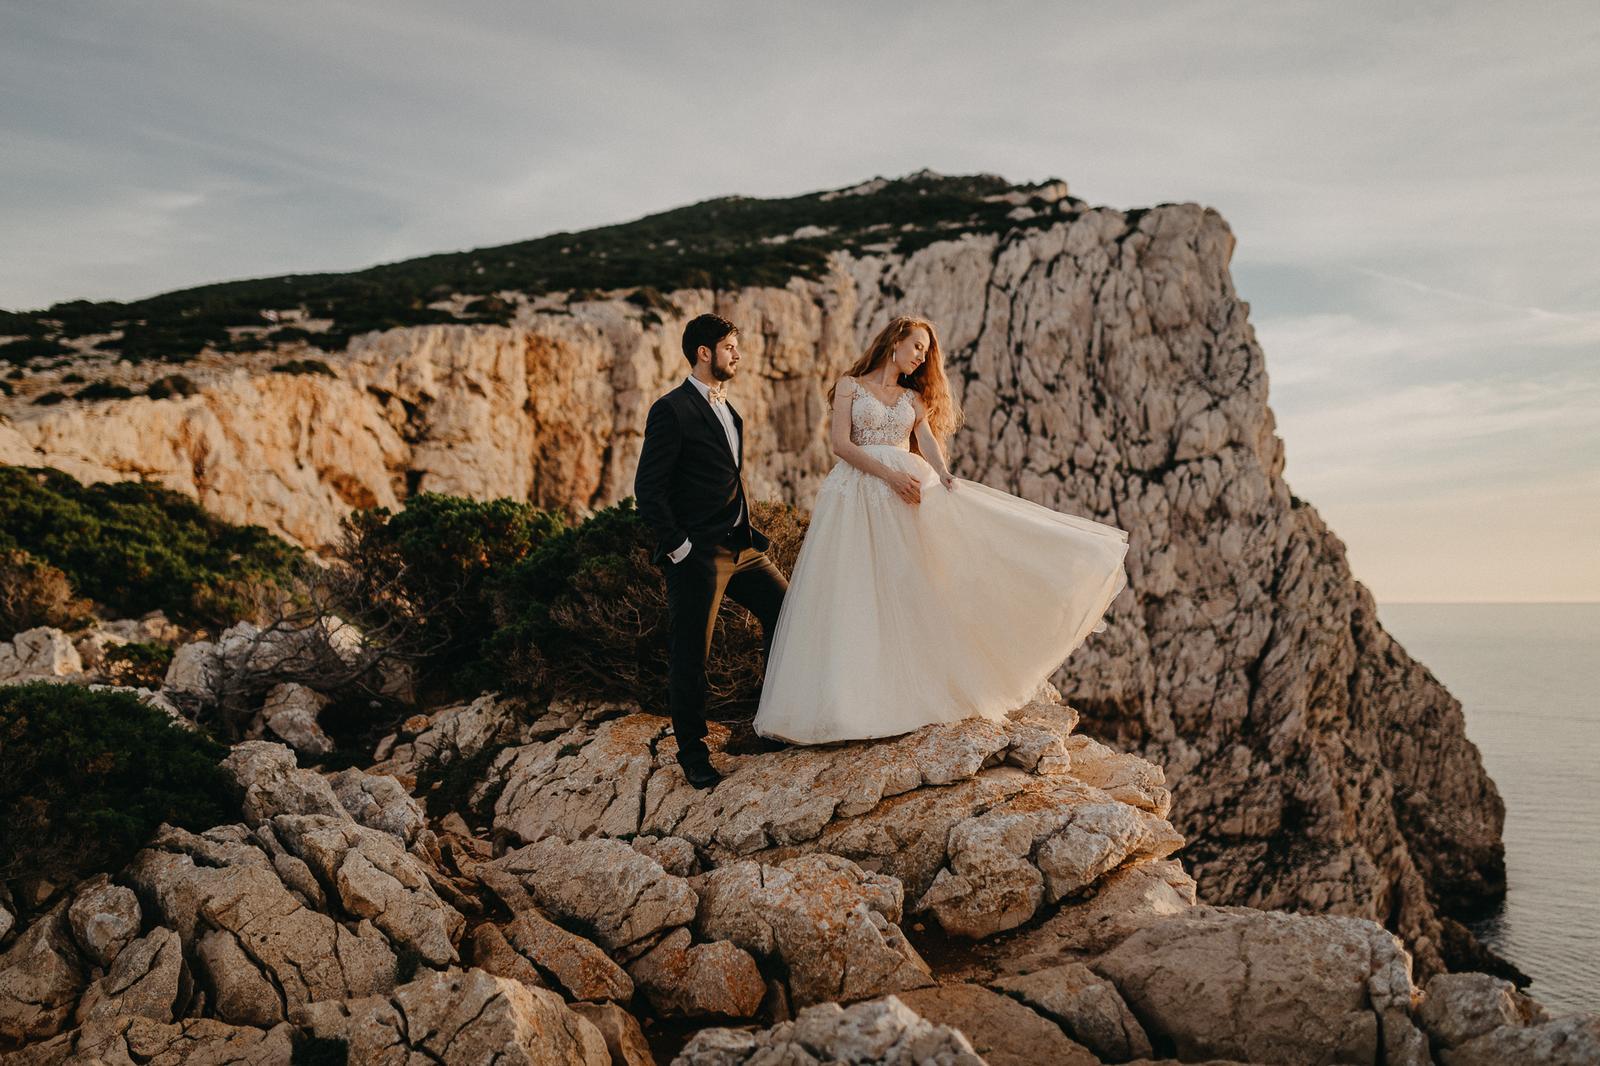 Naše svadobné fotenie na Sardínii - Obrázok č. 89